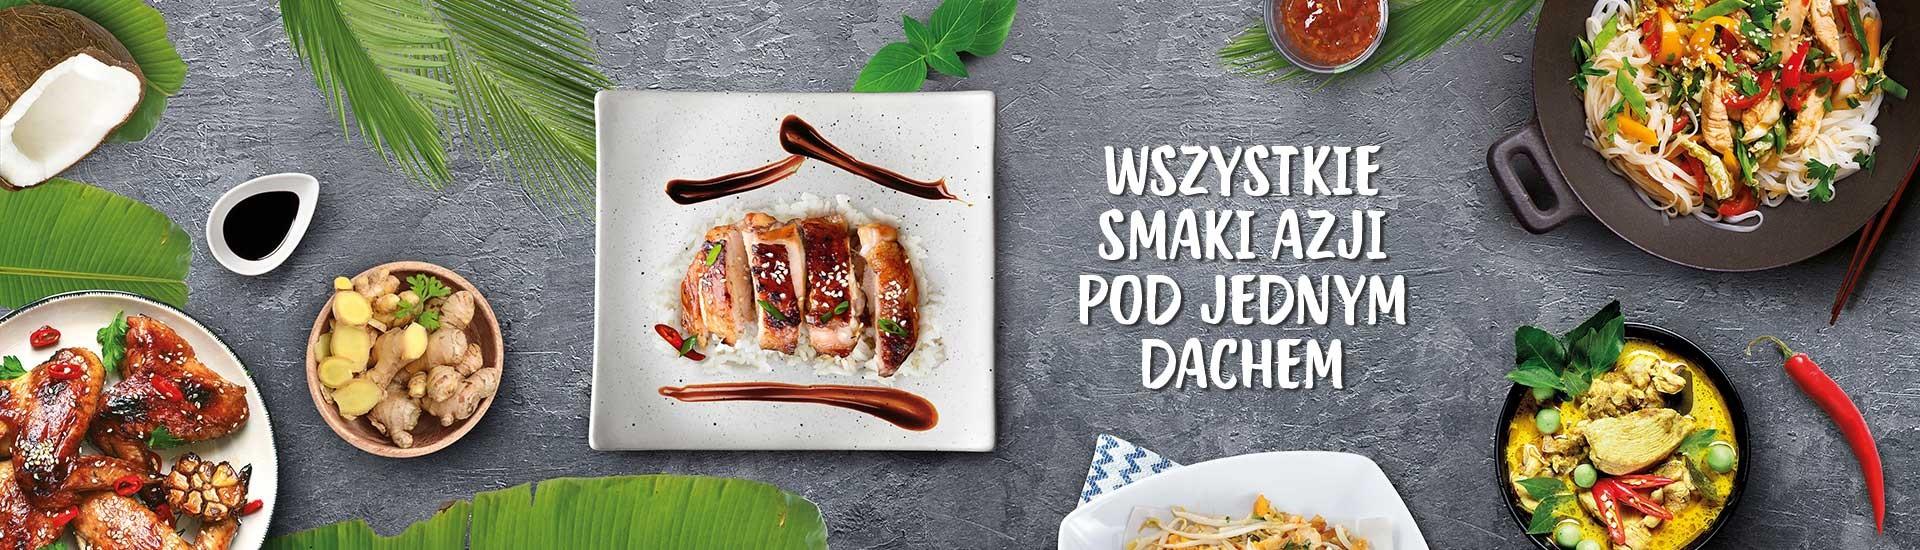 House of Asia smaku azji